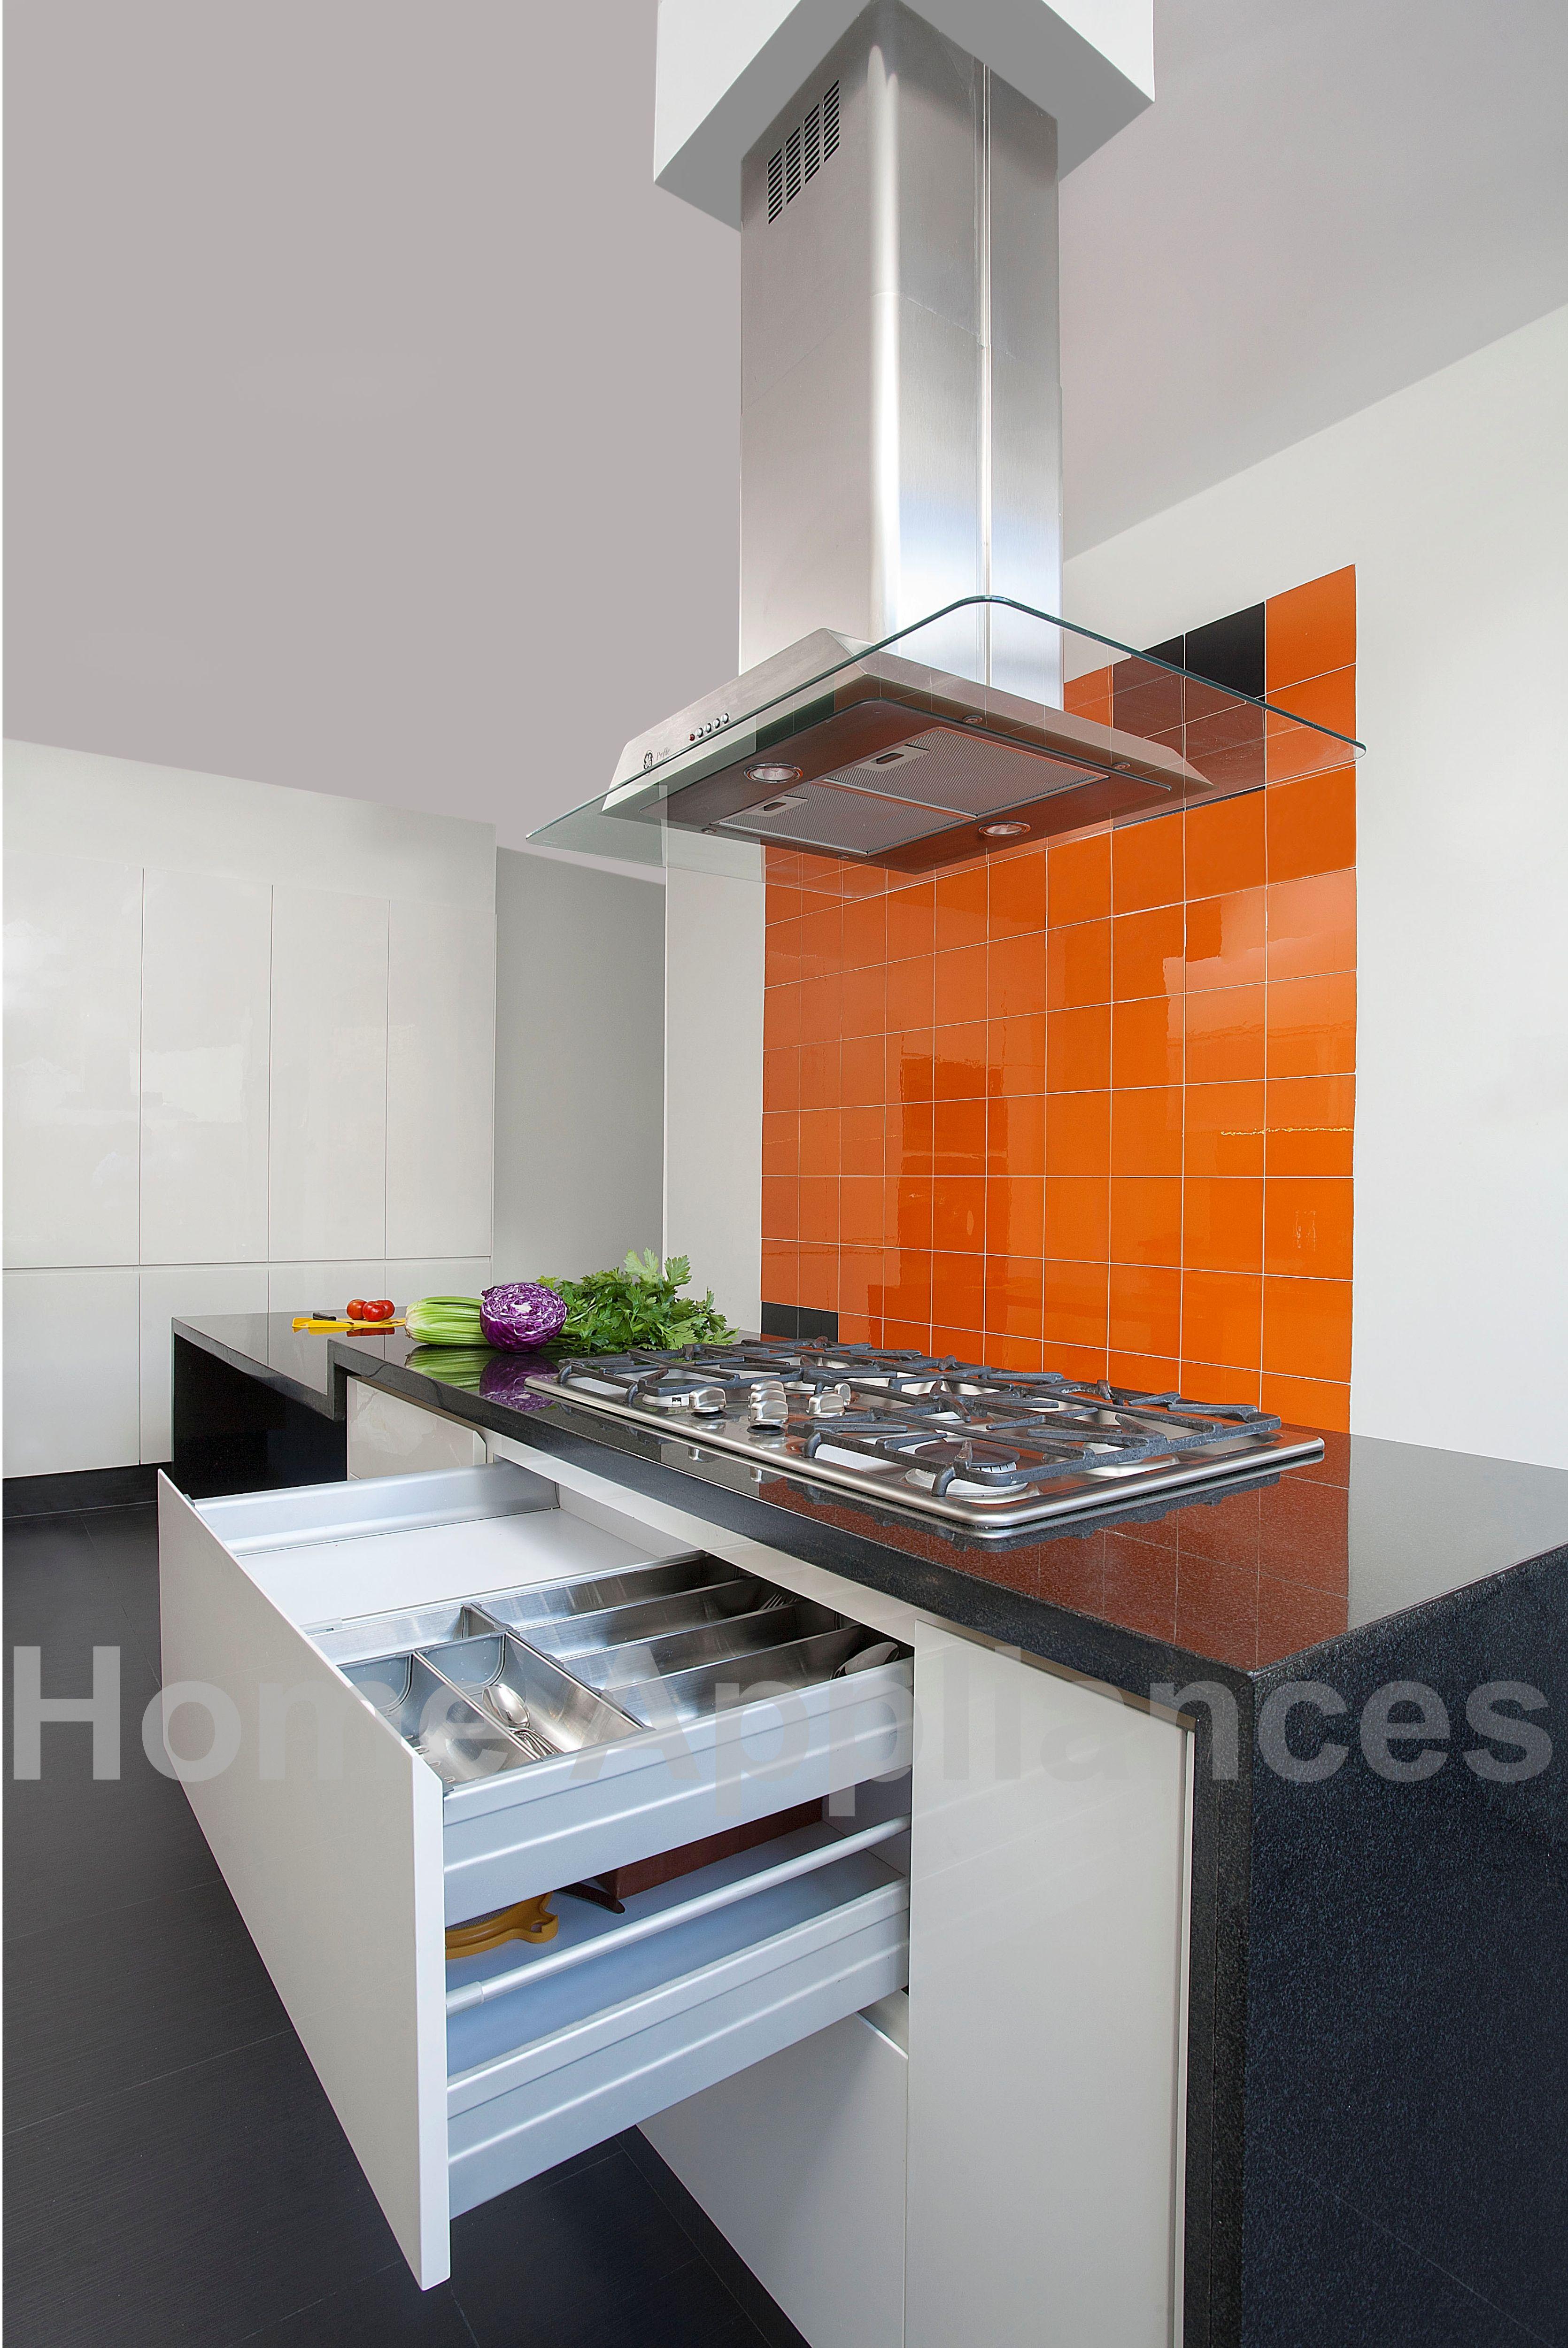 Campanas Modernas Para Cocinas Finest Best Campanas Para Estufas  # Muebles De Cocina Pixys